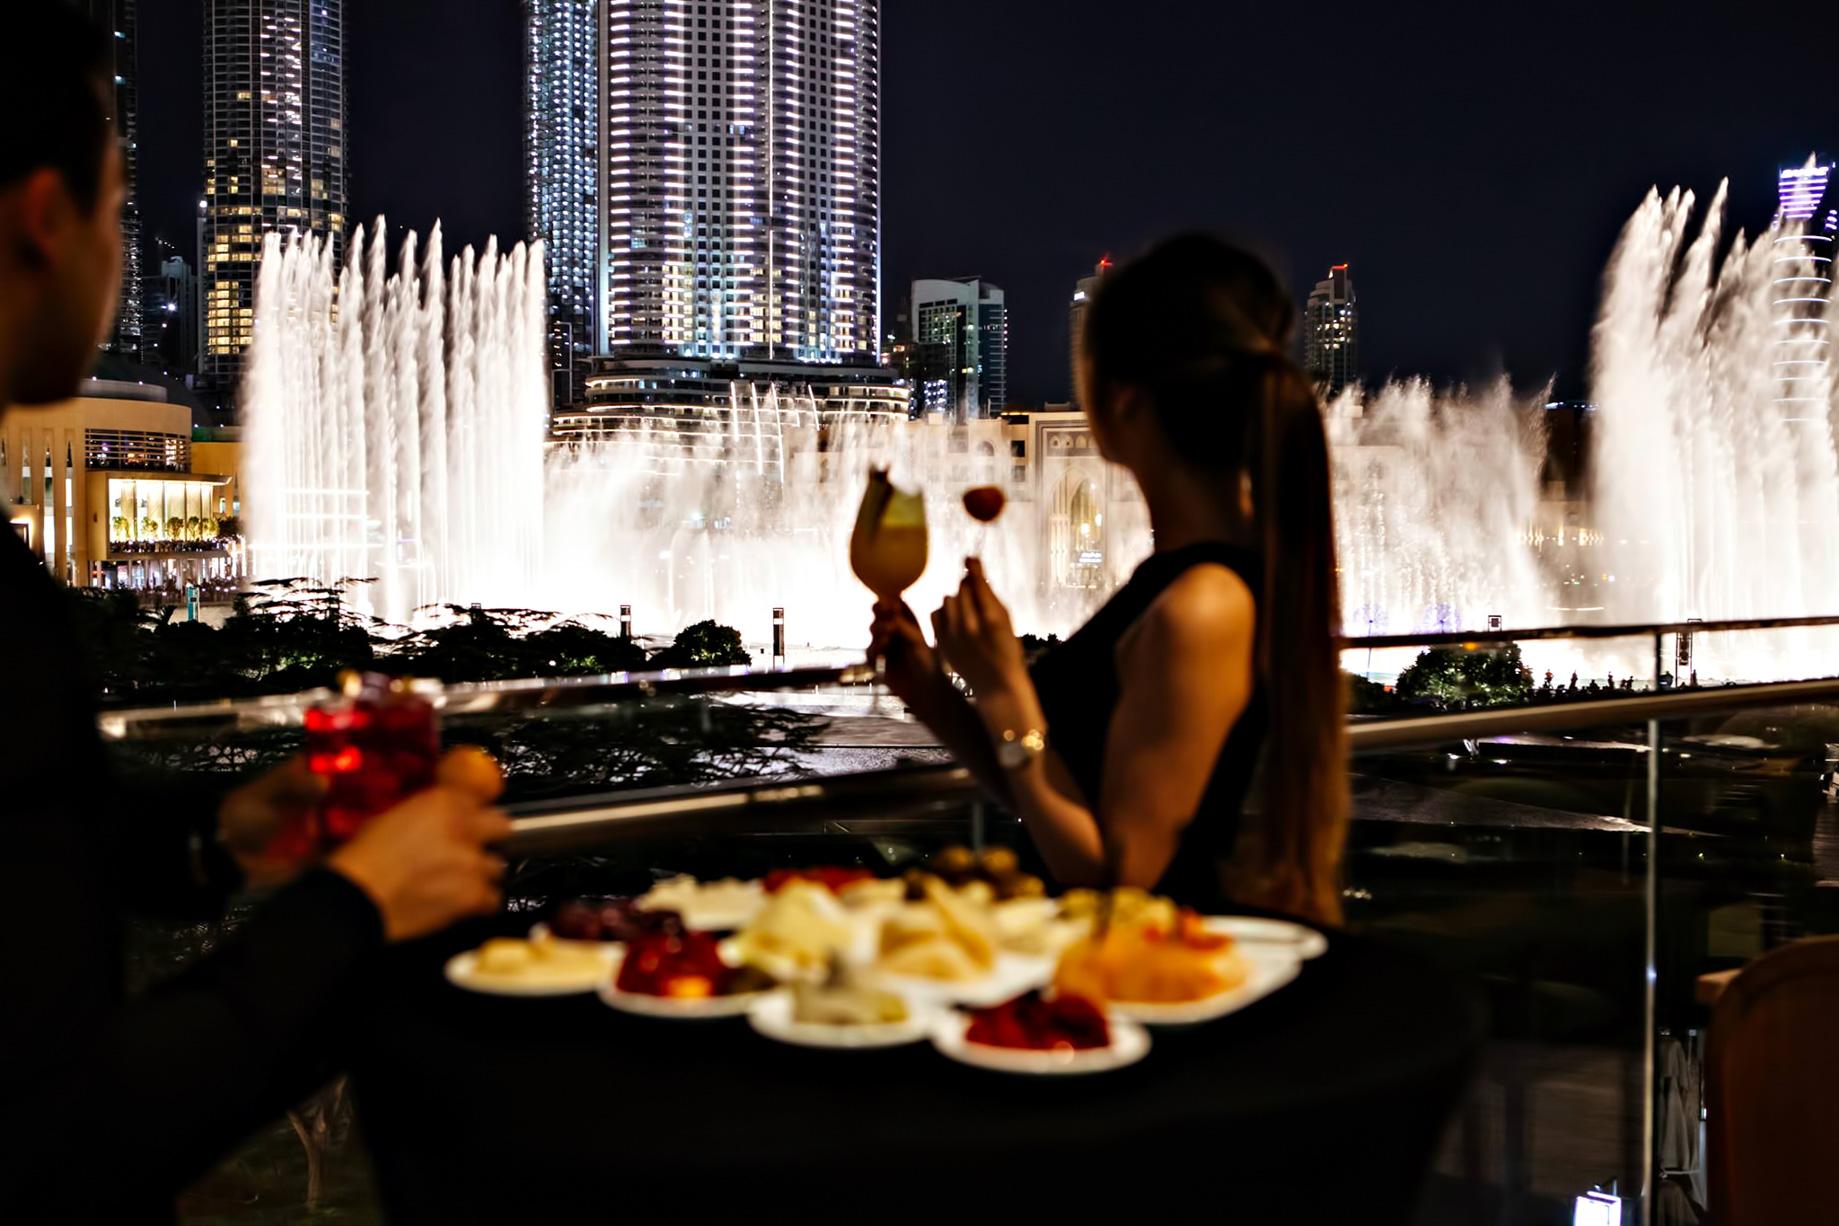 Armani Hotel Dubai – Burj Khalifa, Dubaï, Émirats arabes unis – Salle à manger avec vue sur la fontaine